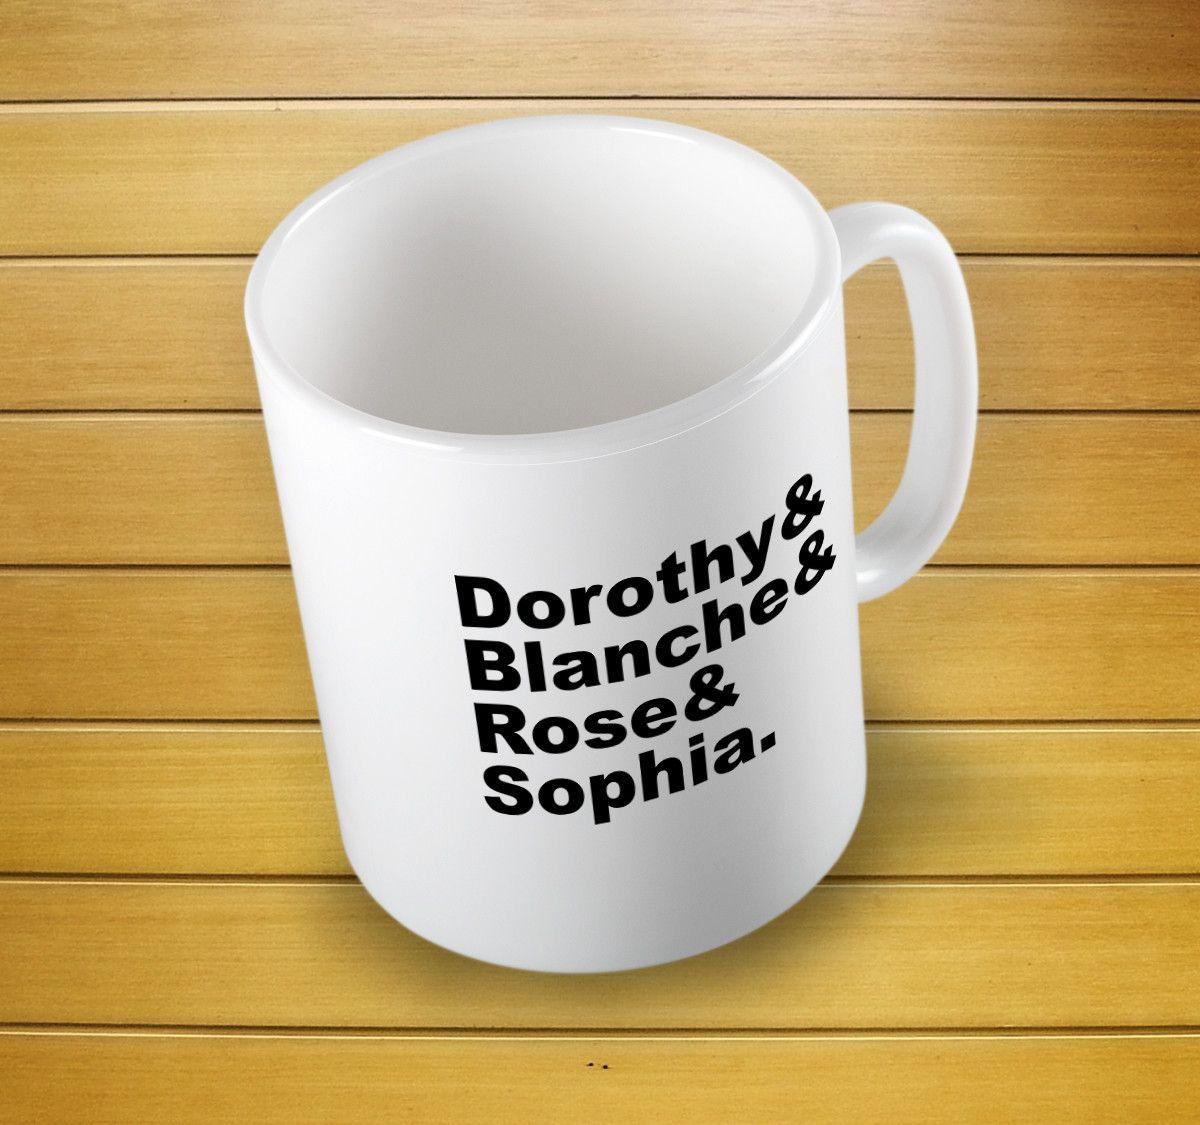 Golden Girls Names Coffee Mug | Products | Pinterest | Golden girls ...